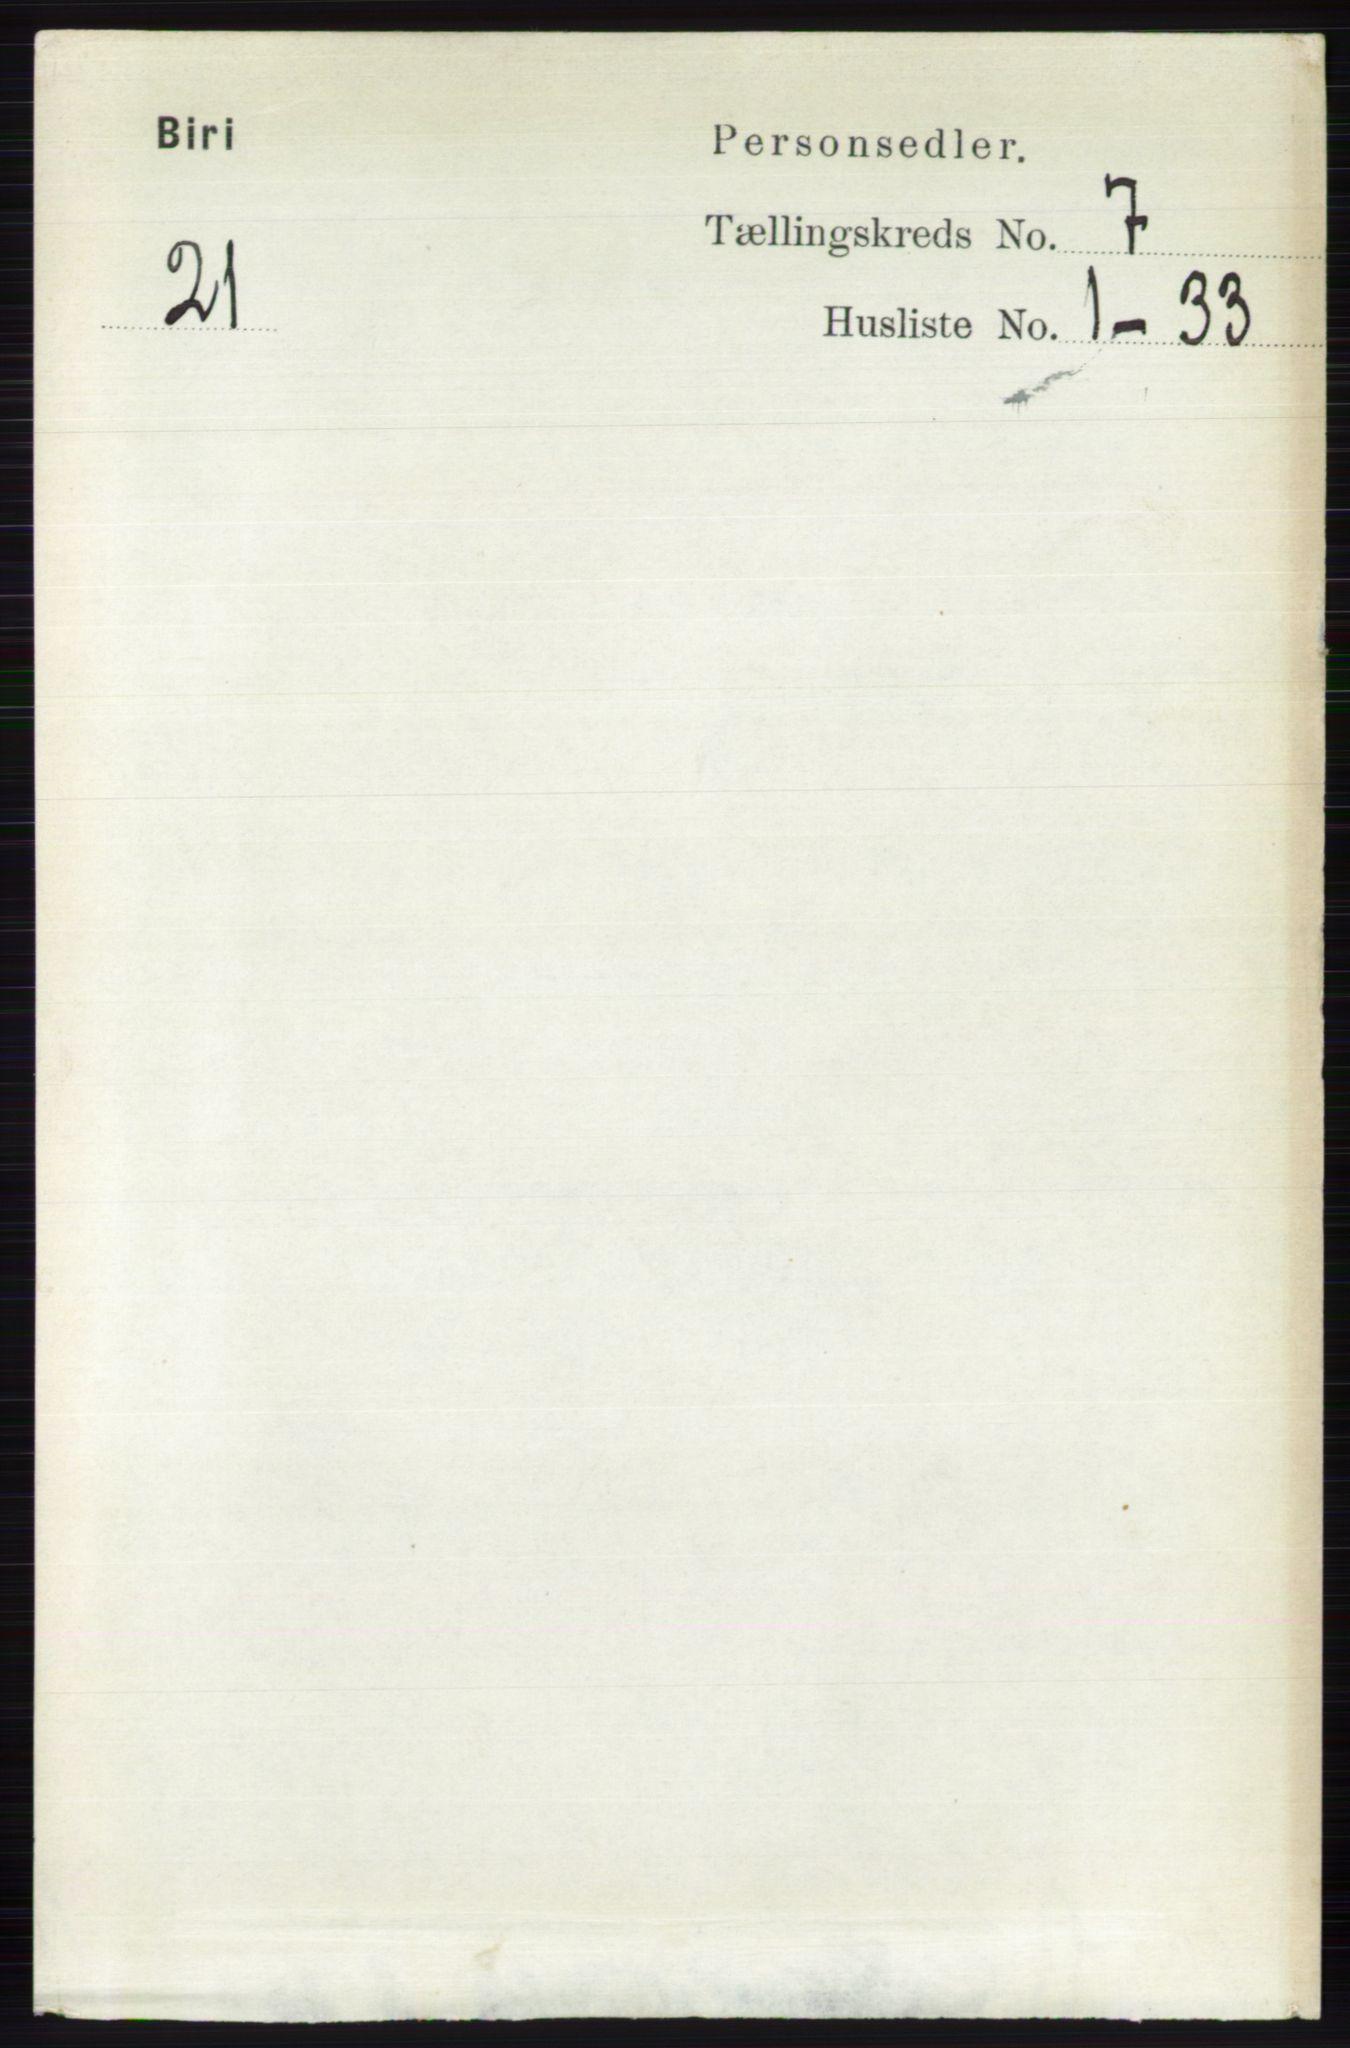 RA, Folketelling 1891 for 0525 Biri herred, 1891, s. 2448